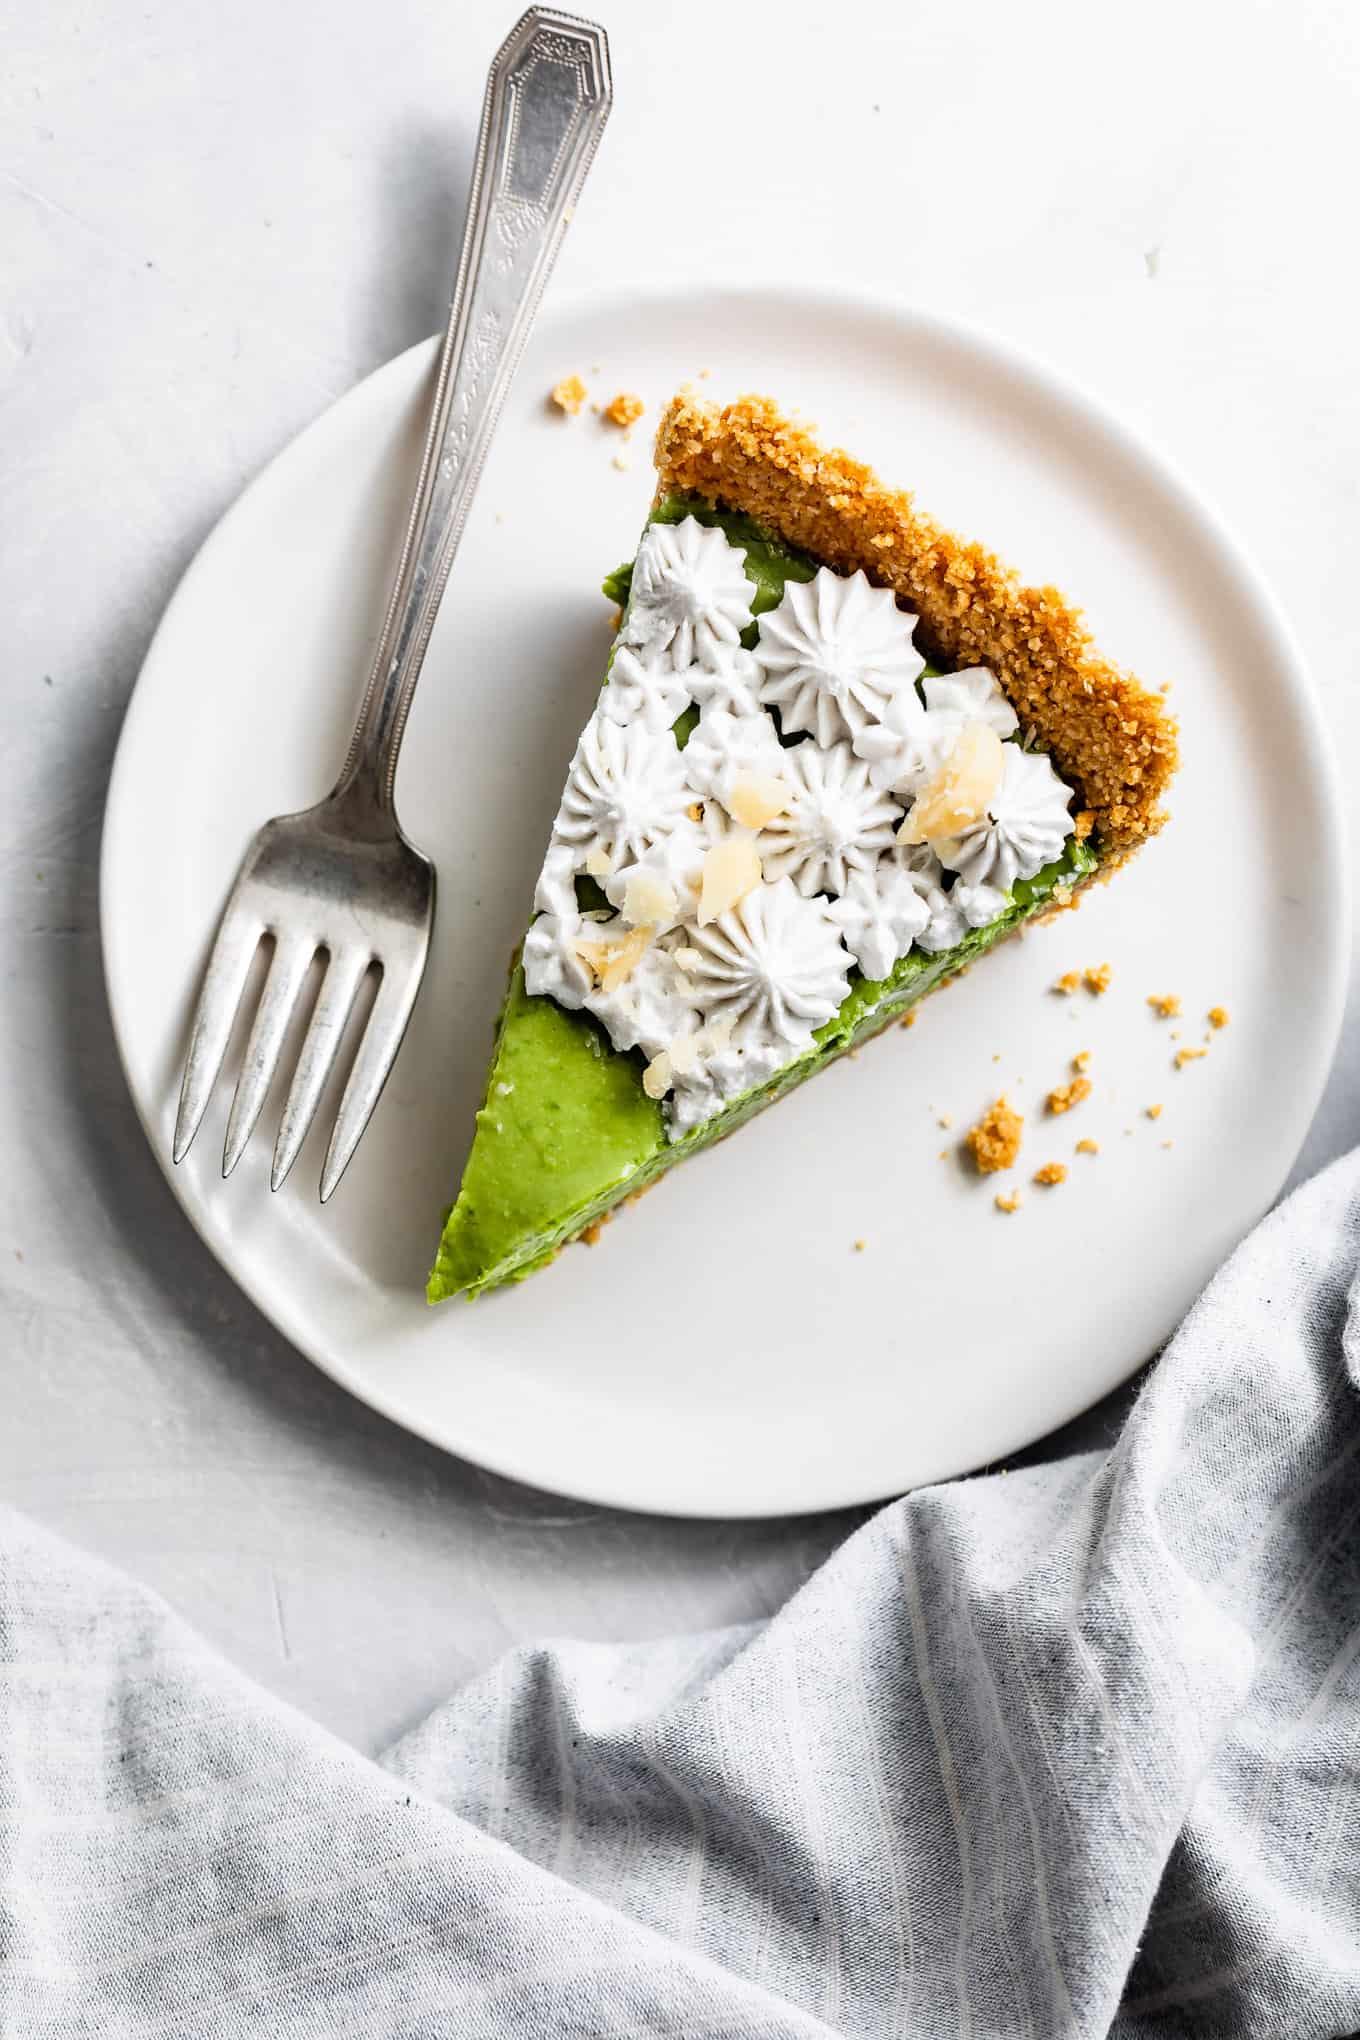 Slice of Avocado Key Lime Pie